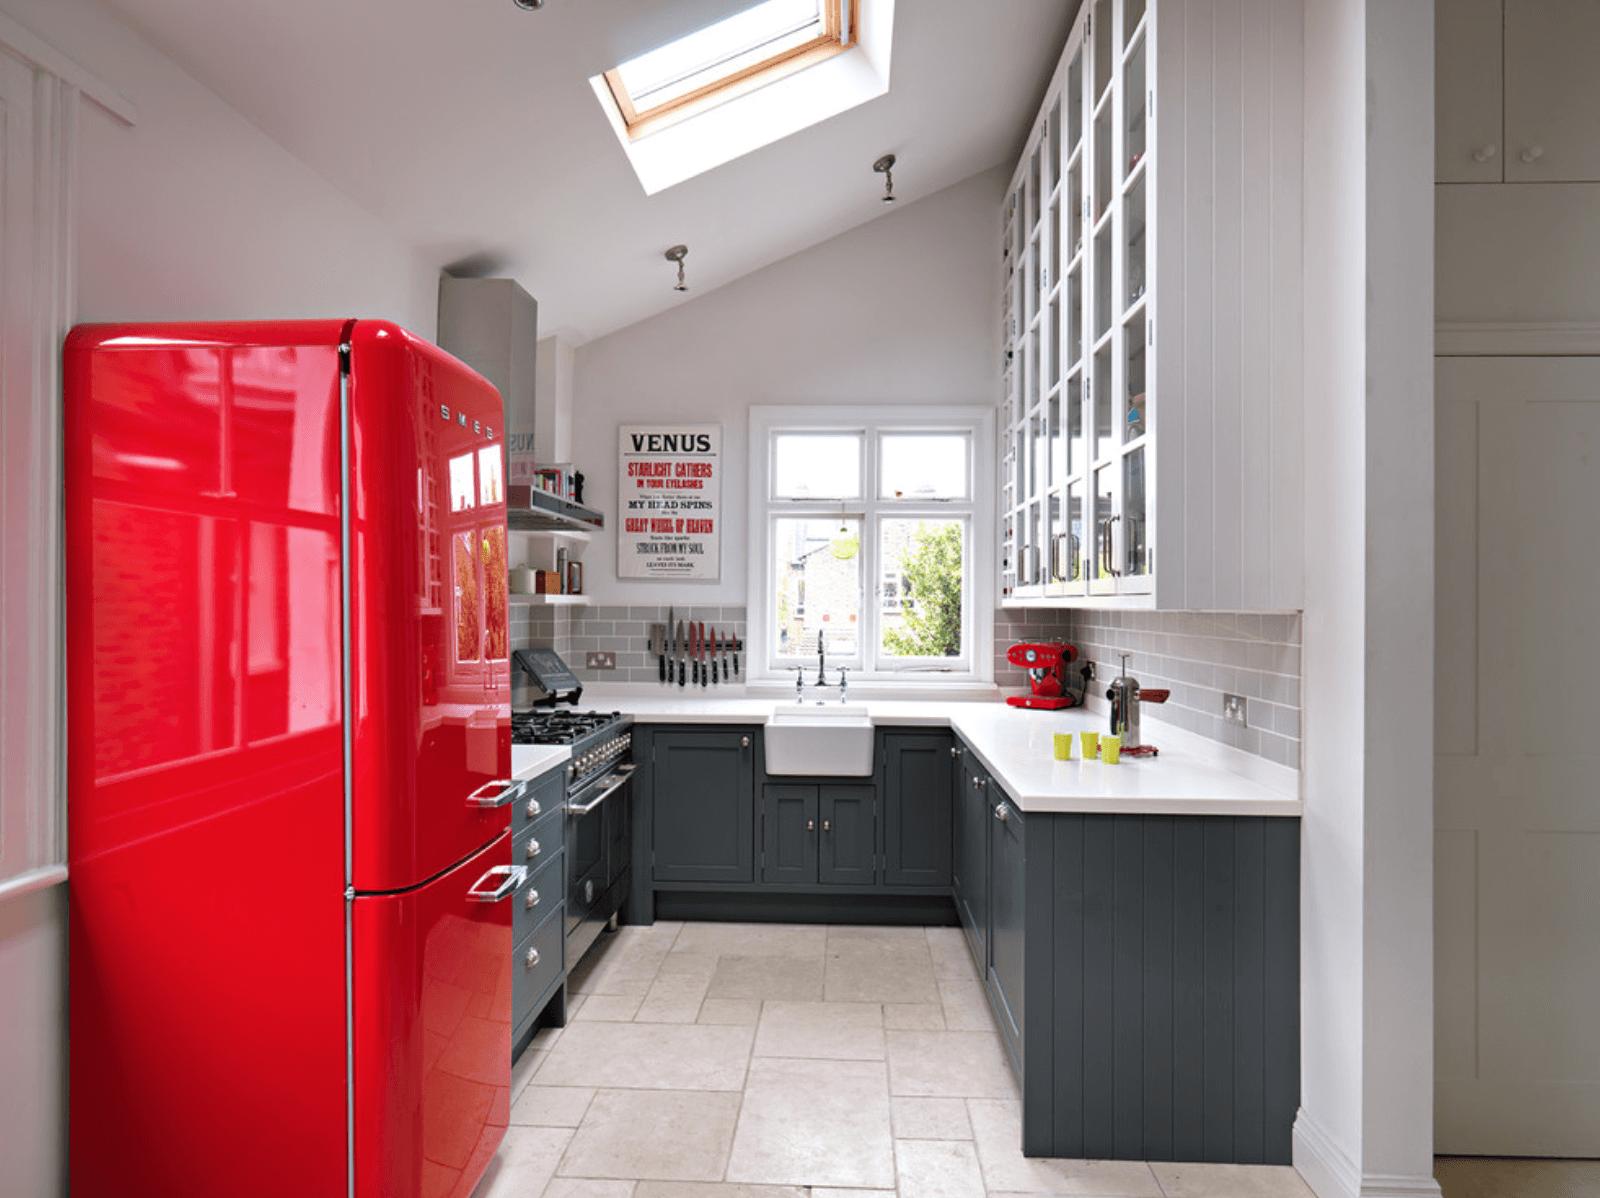 Дизайн кухни в оттенках серого цвета. Фото 1